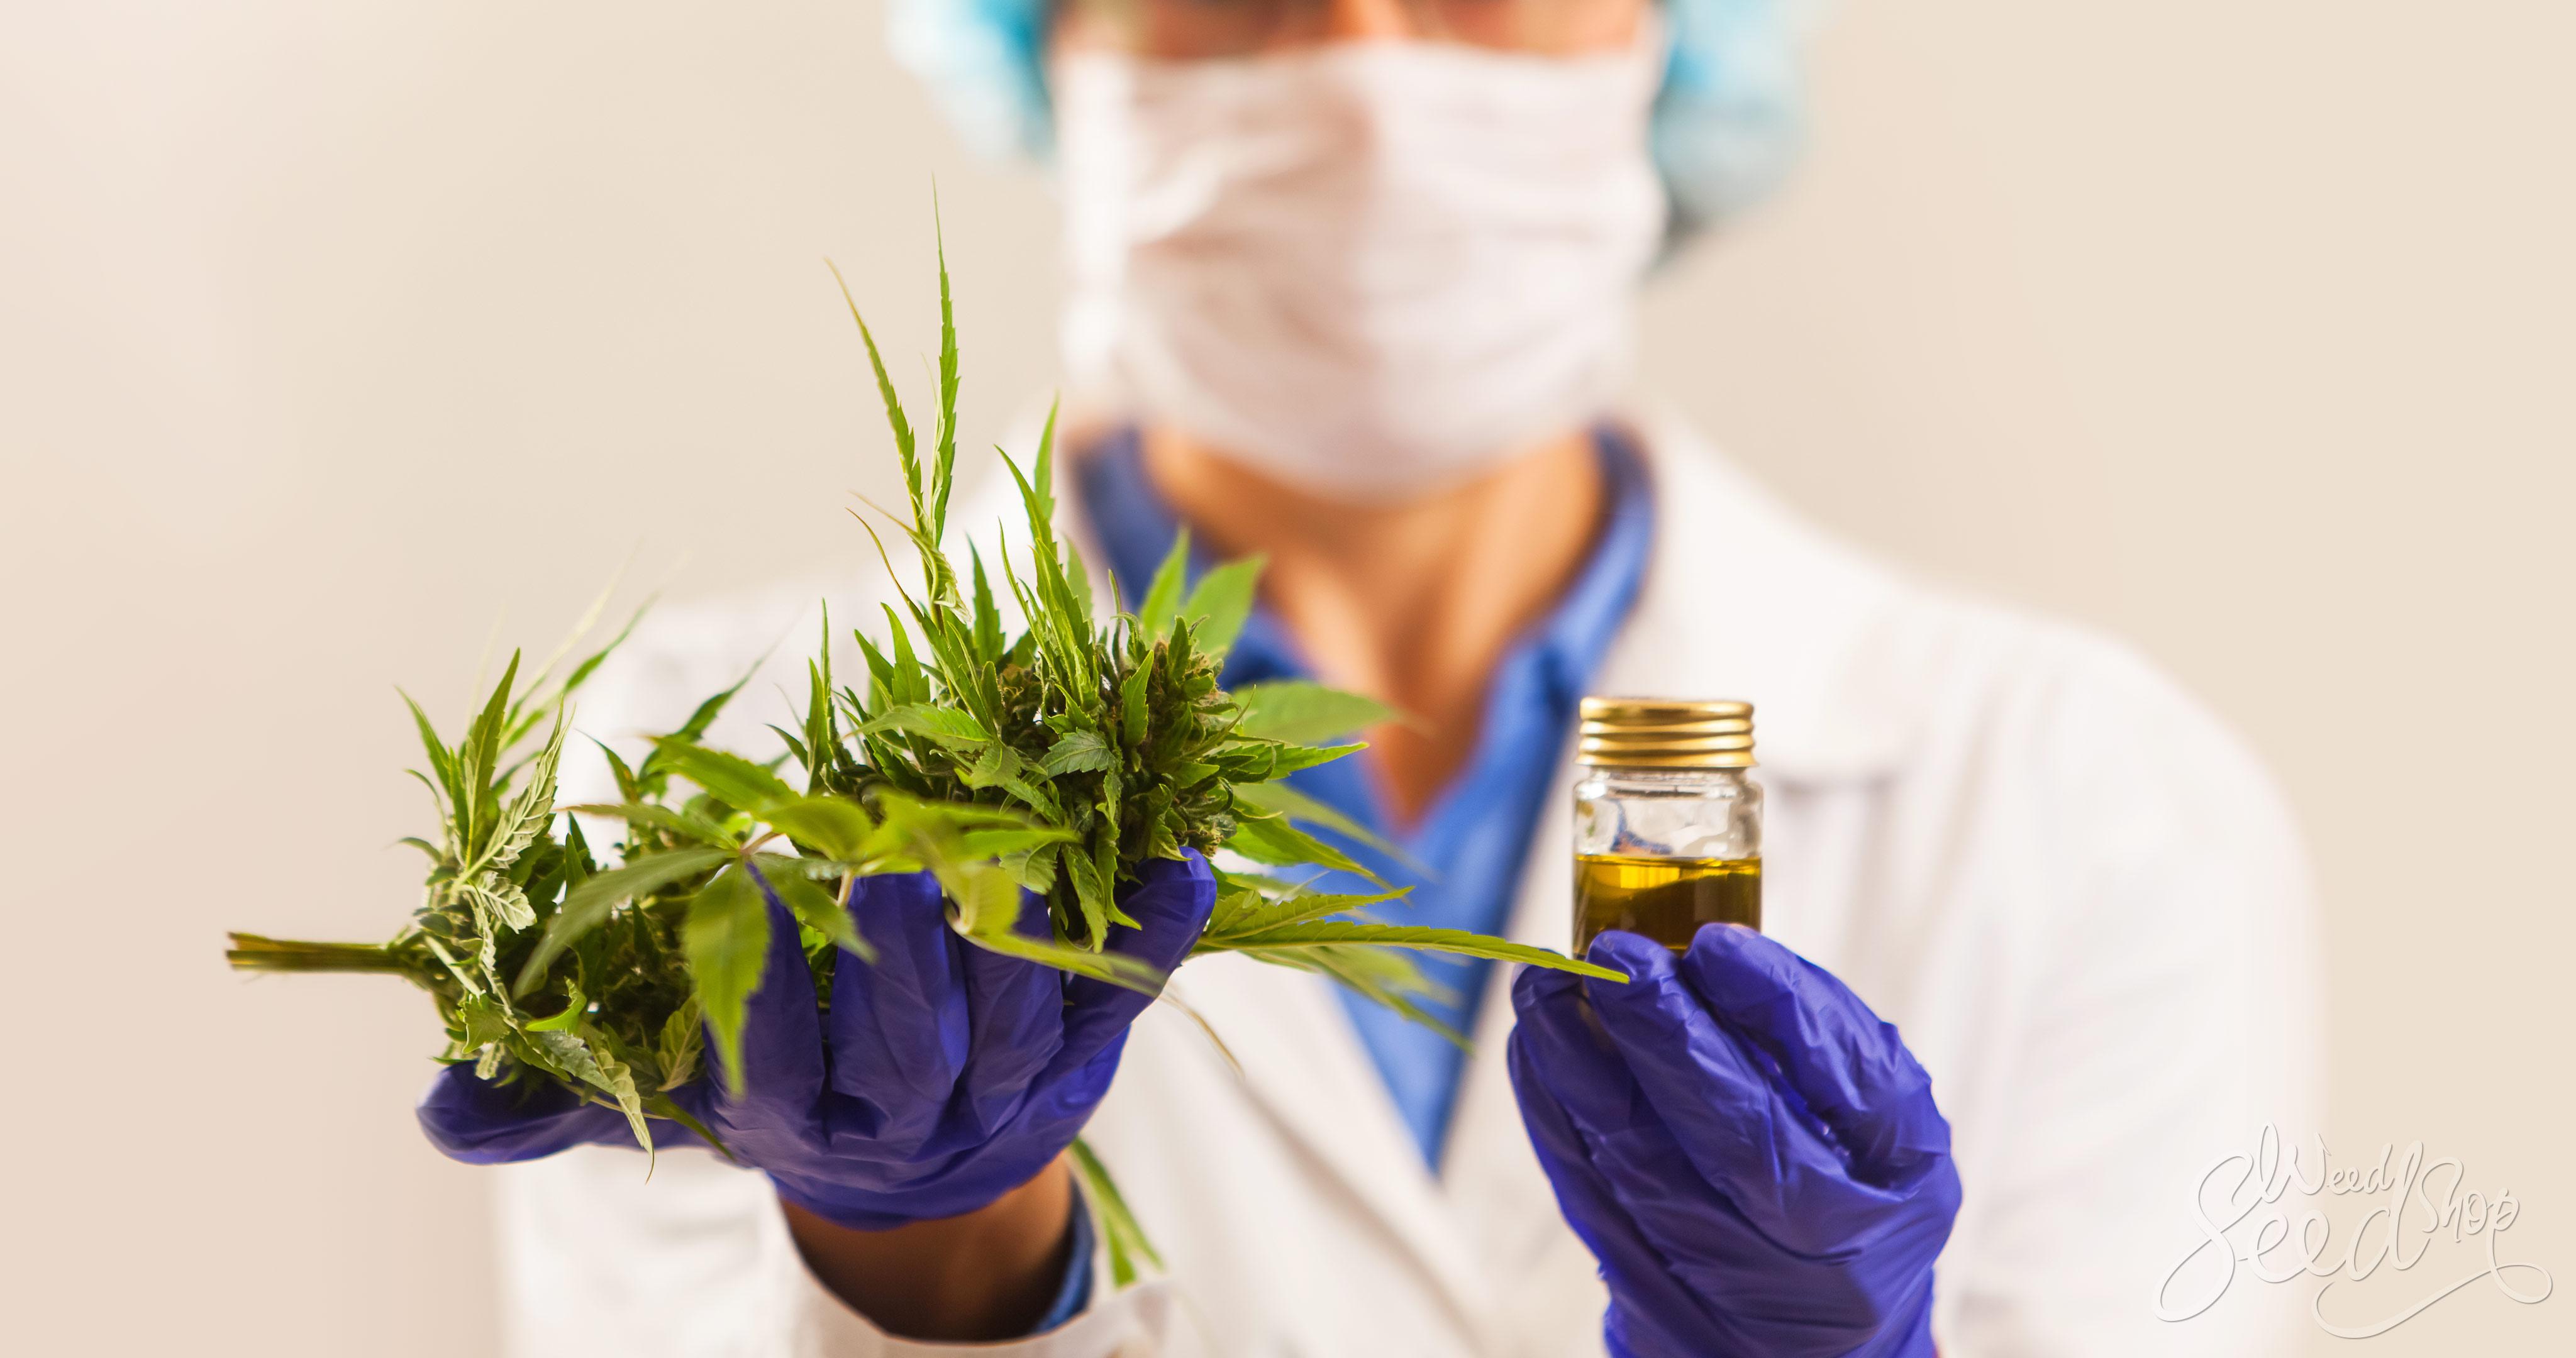 La medicina natural y el efecto entourage - WeedSeedShop